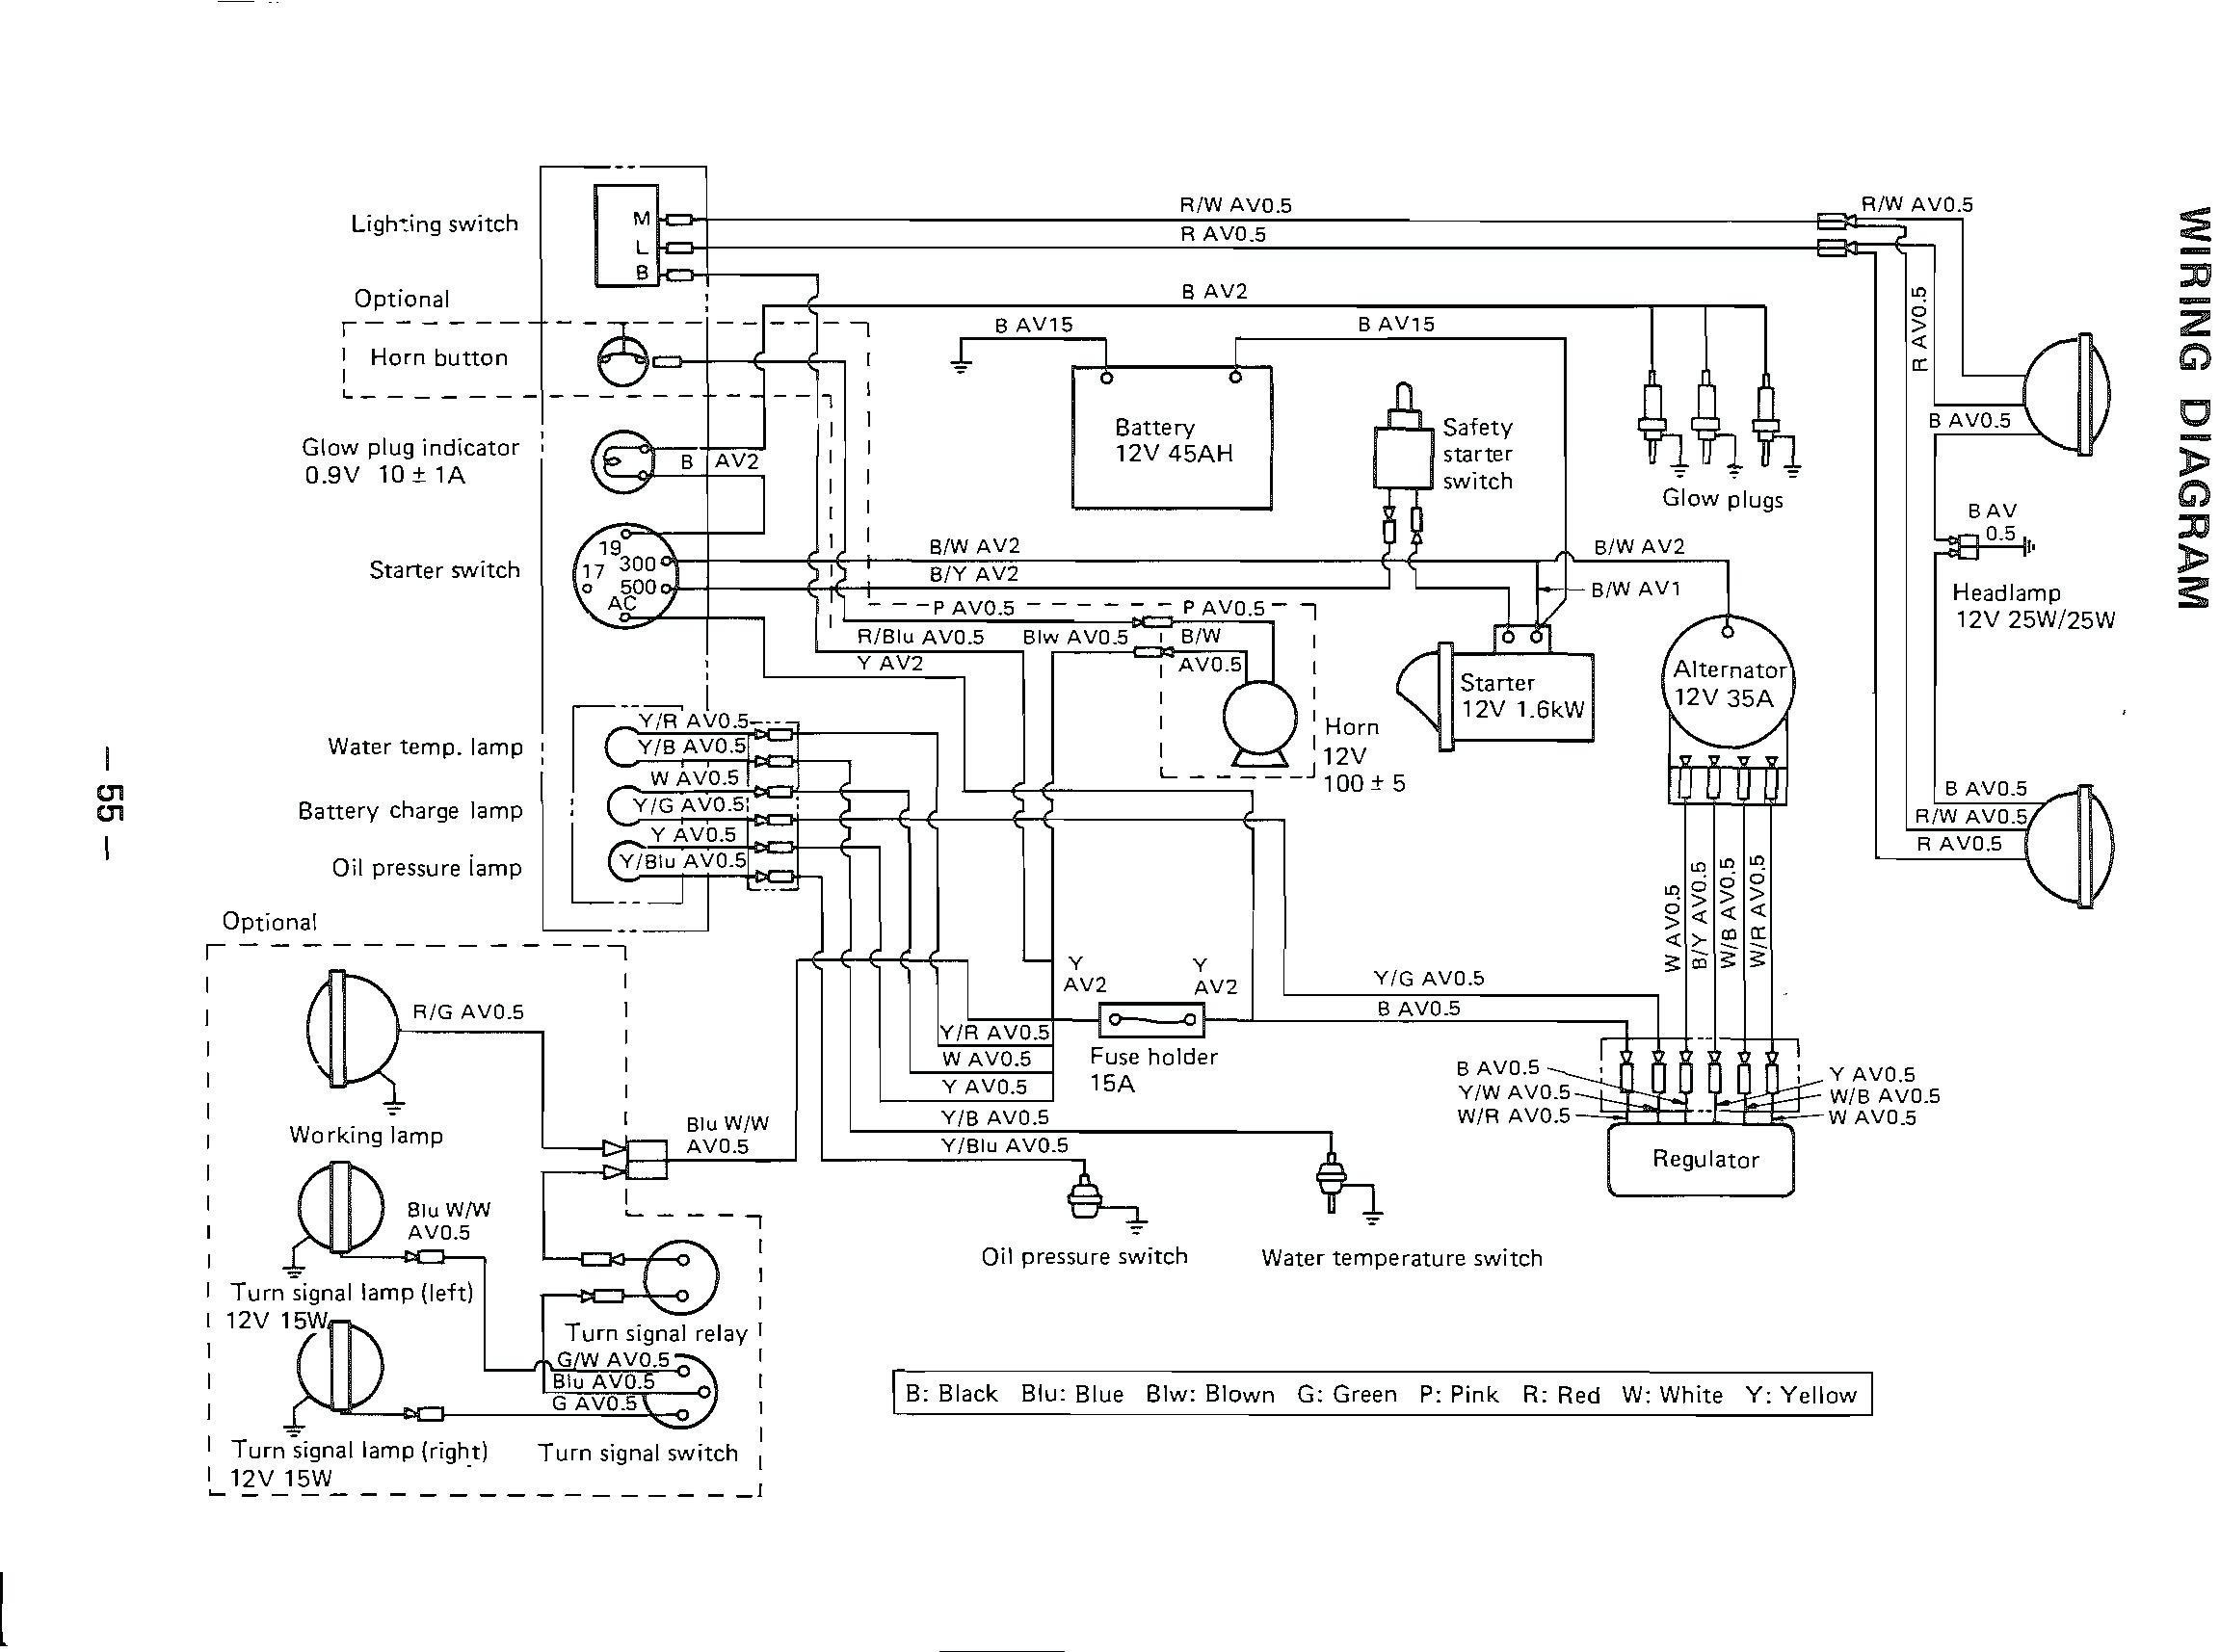 135 wiring mytractorforum the friendliest tractor forum wire of massey ferguson wiring diagram